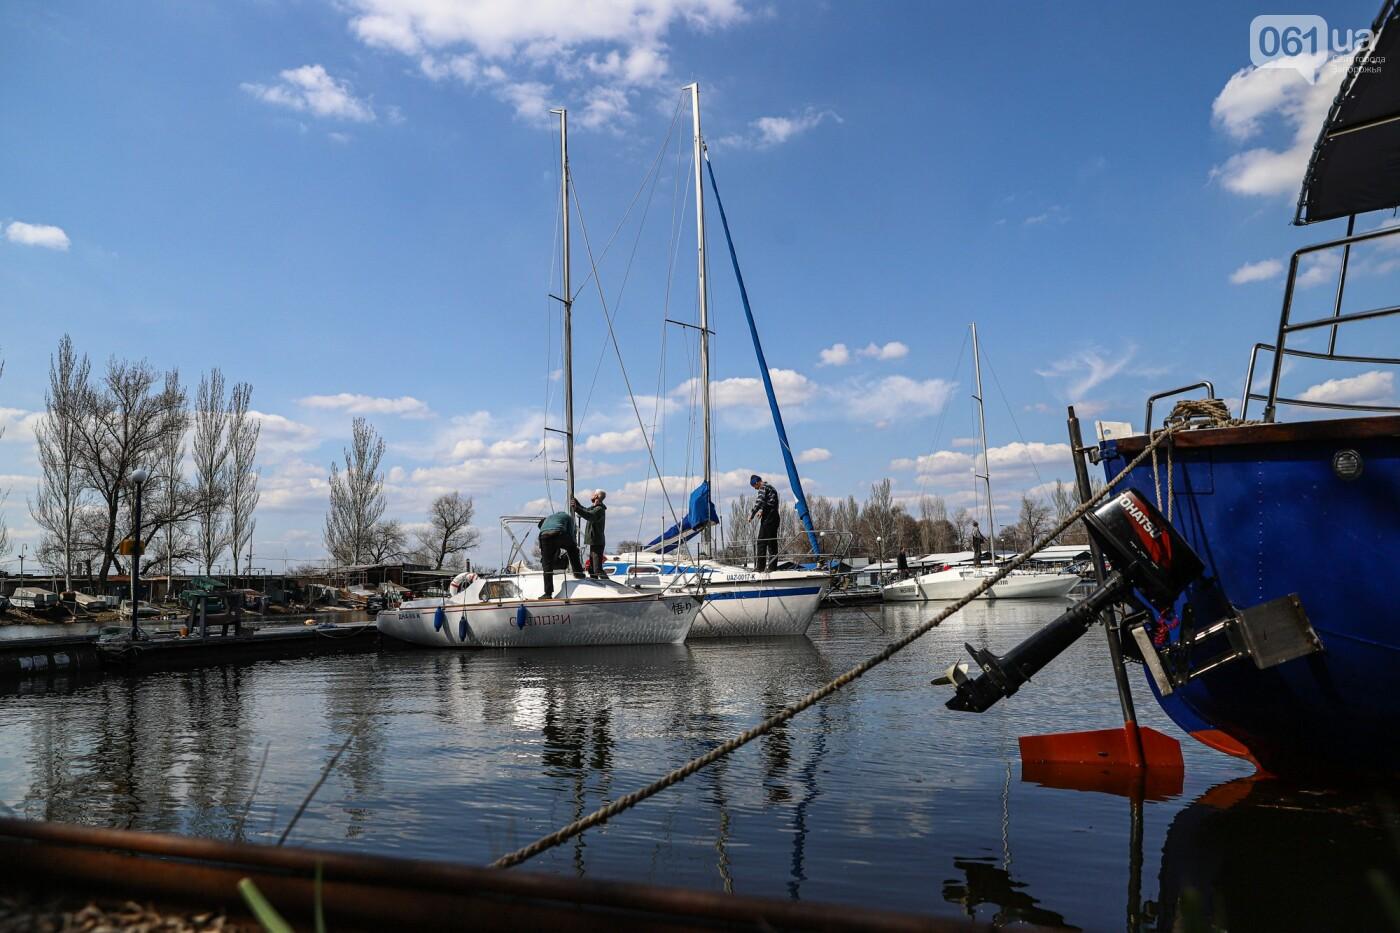 «Семь футов под килем!»: как в запорожском яхт-клубе спускали судна на воду, - ФОТОРЕПОРТАЖ , фото-62